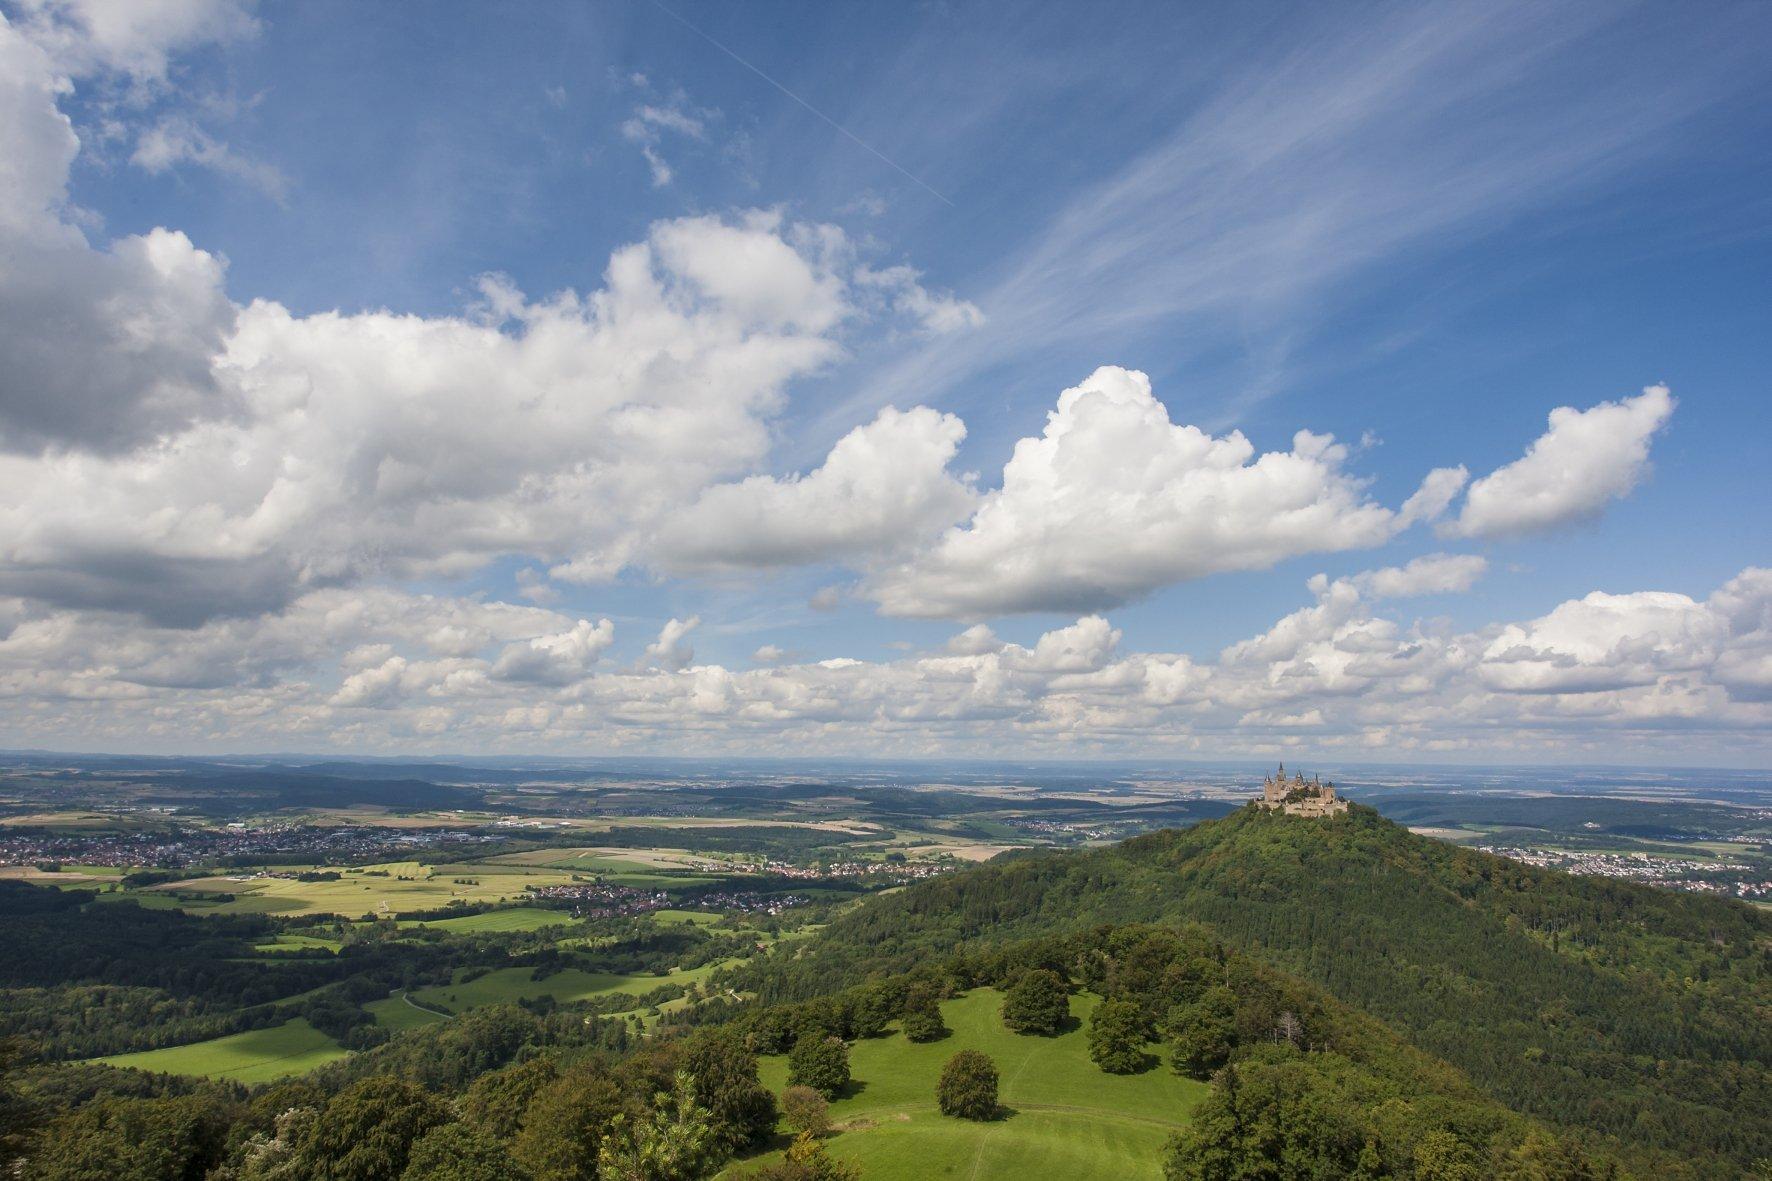 Blick durch Blätter auf die Burg Hohenzollern